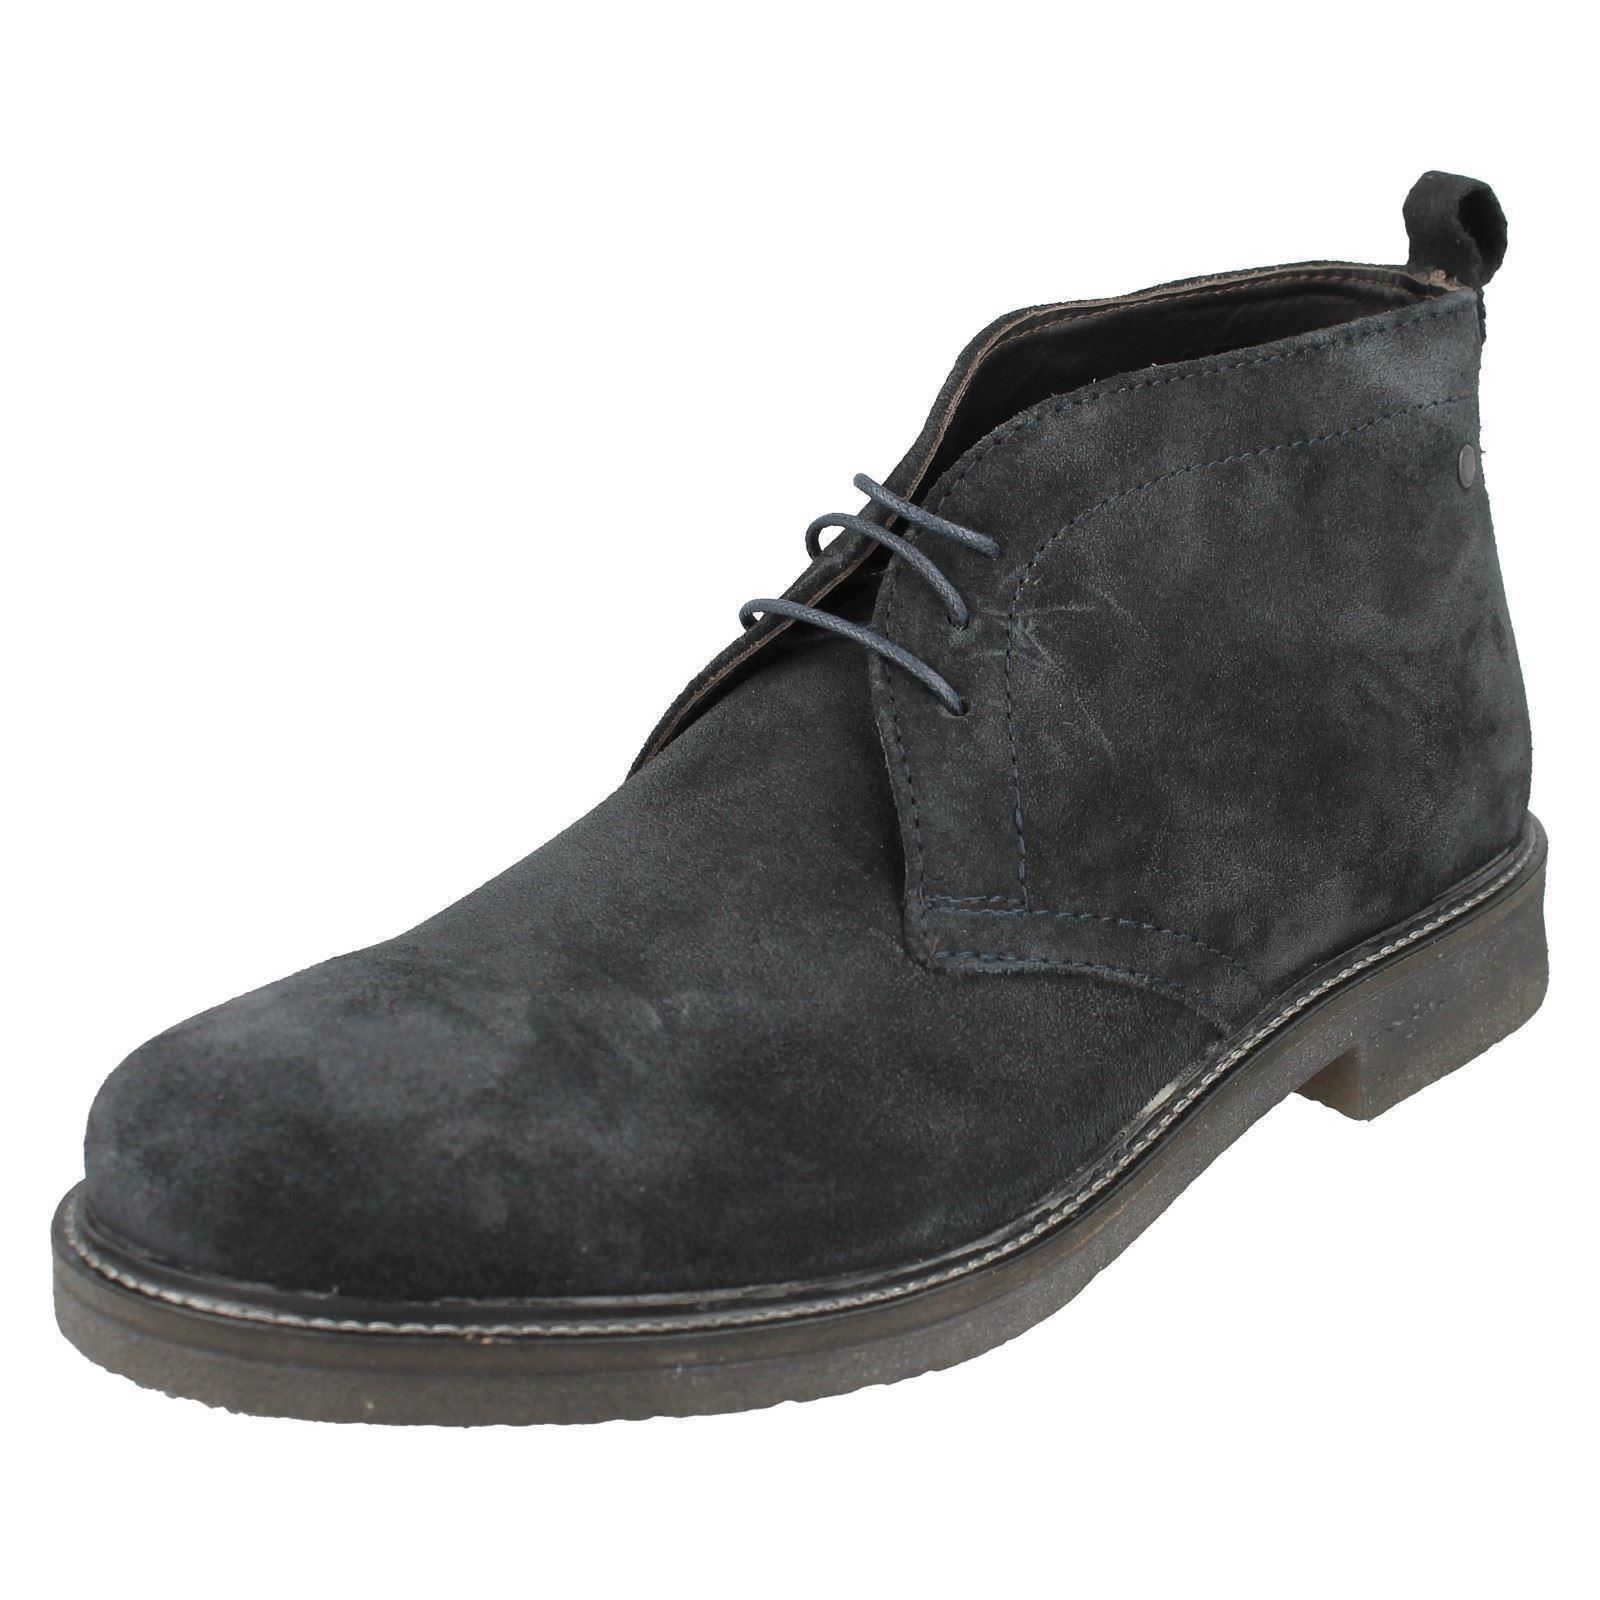 Monsieur Monsieur Monsieur Madame Homme Base   Boots le STYLE-Rufus Le consommateur d'abord Gagner très apprécié Bonne qualité 3907aa